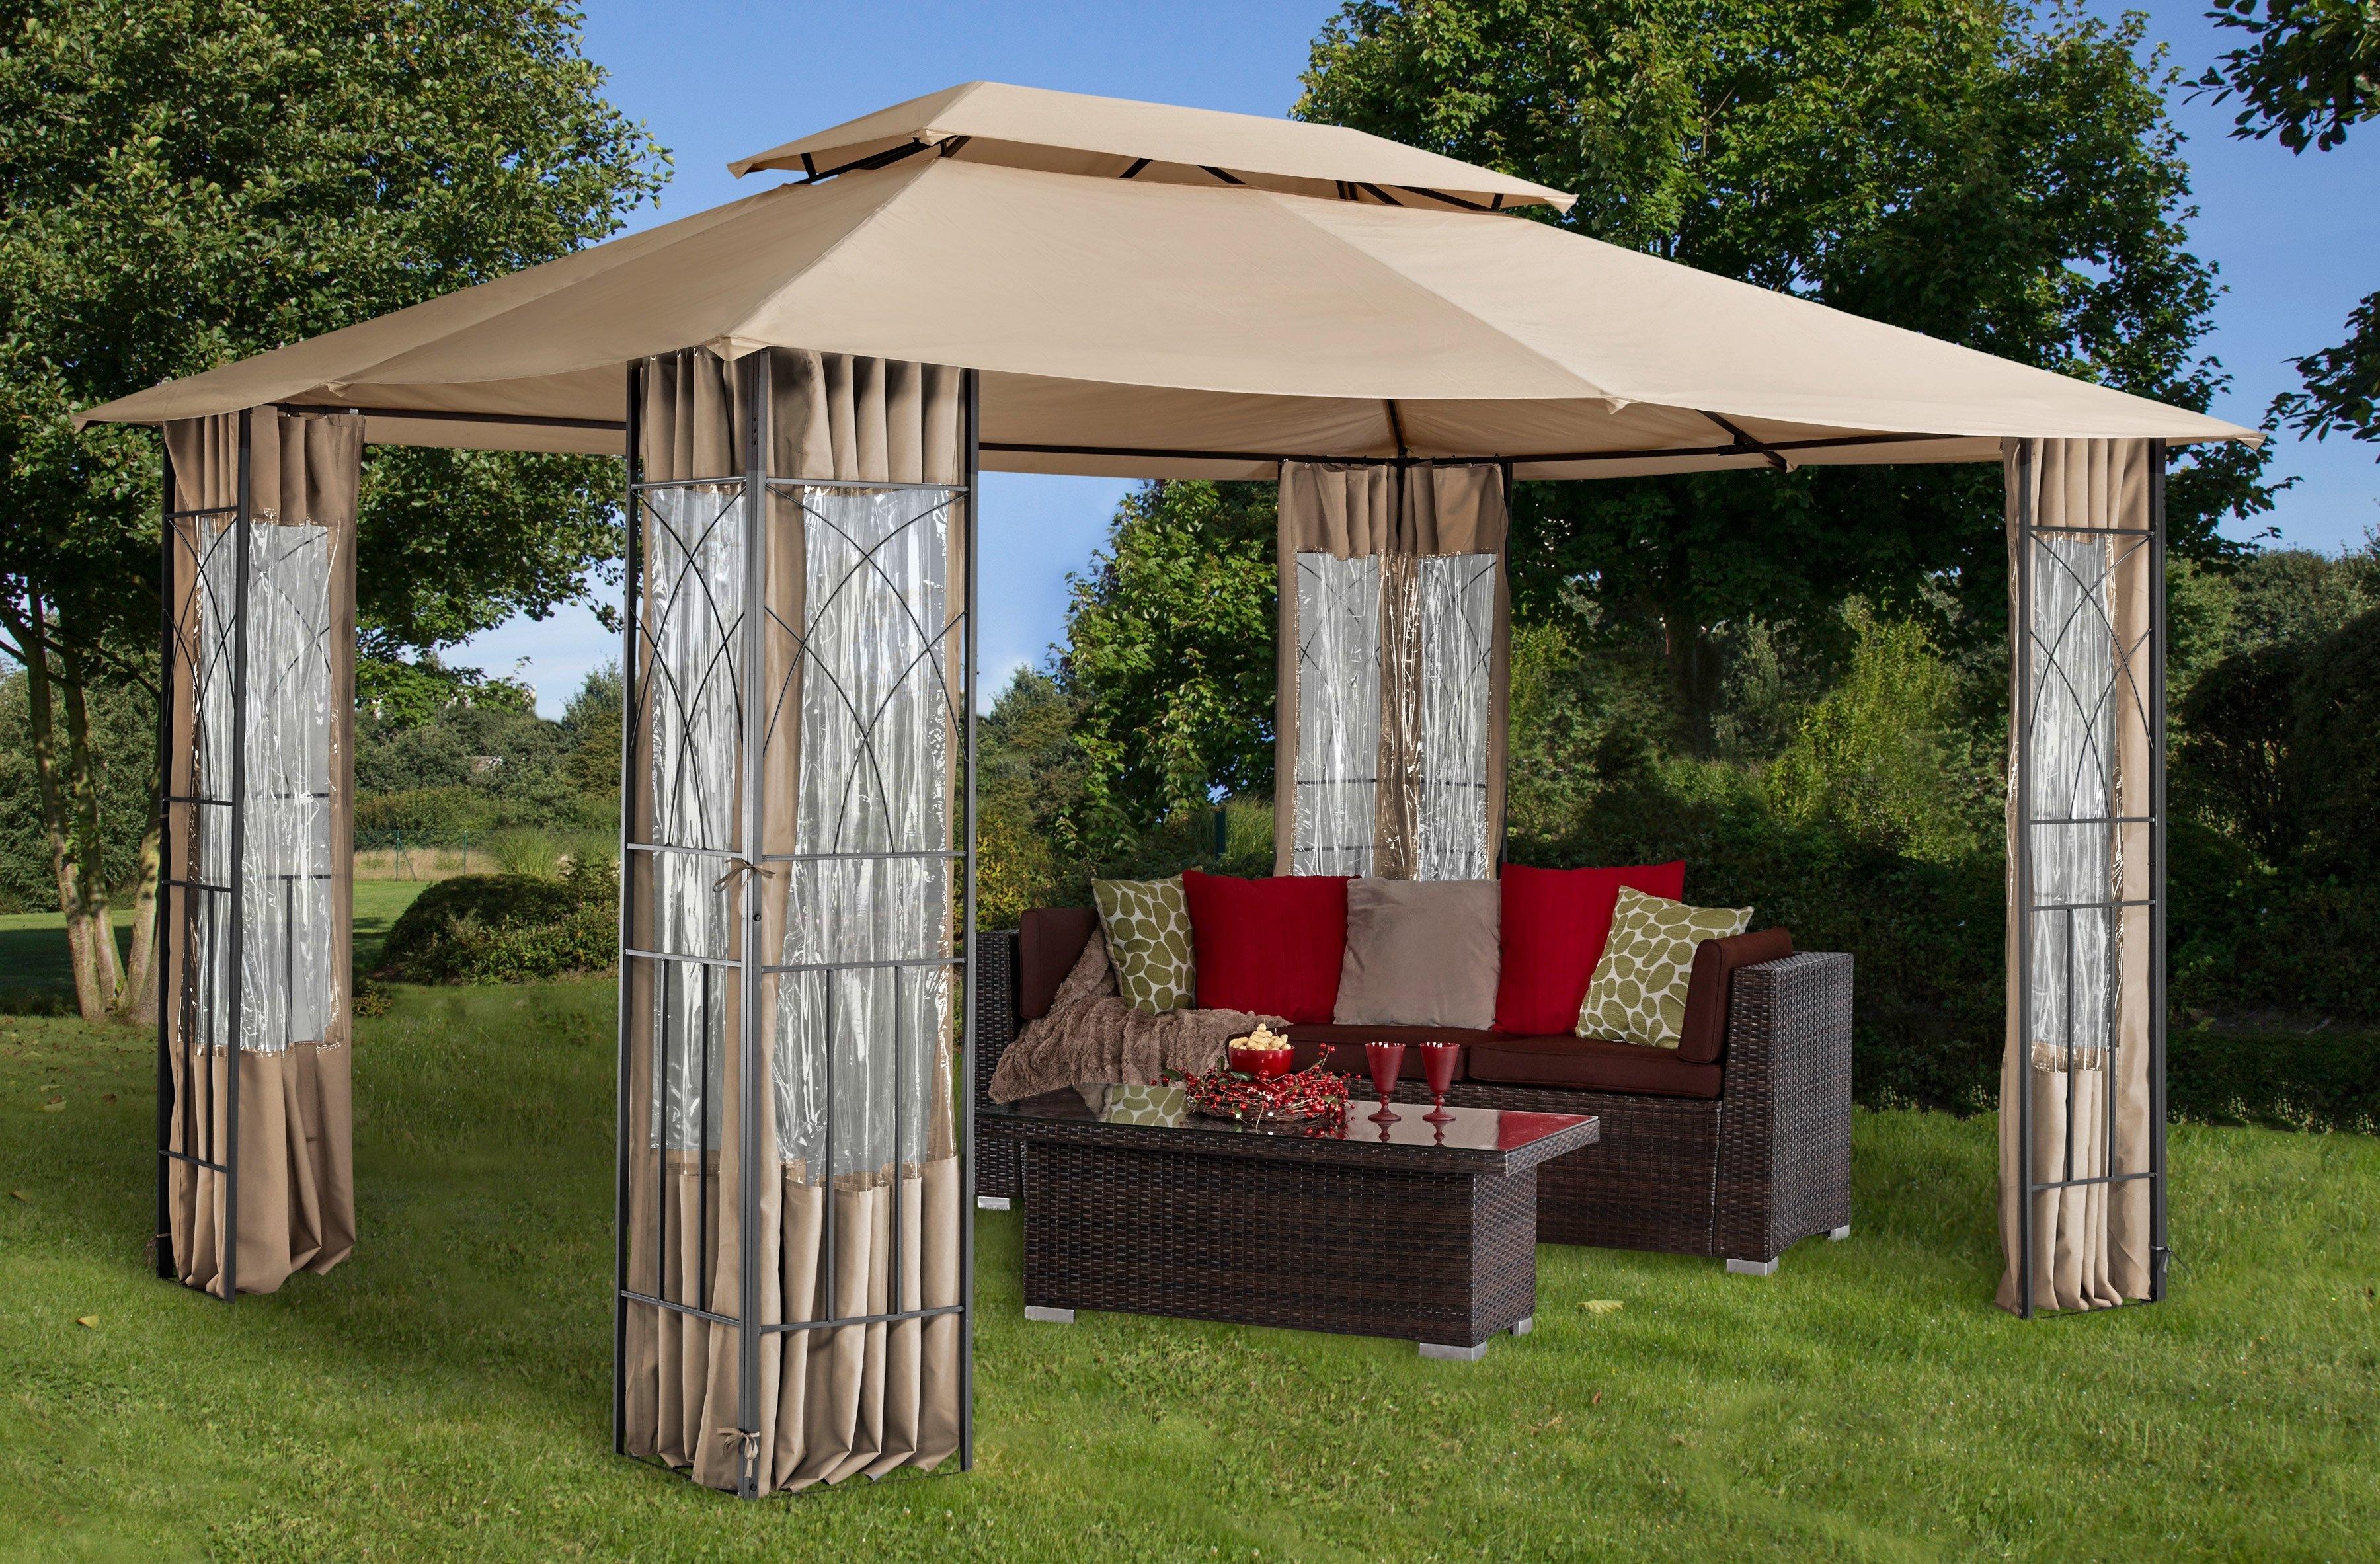 tuinprieel bogen bxl 300 x 400 cm zonder zijkanten. Black Bedroom Furniture Sets. Home Design Ideas